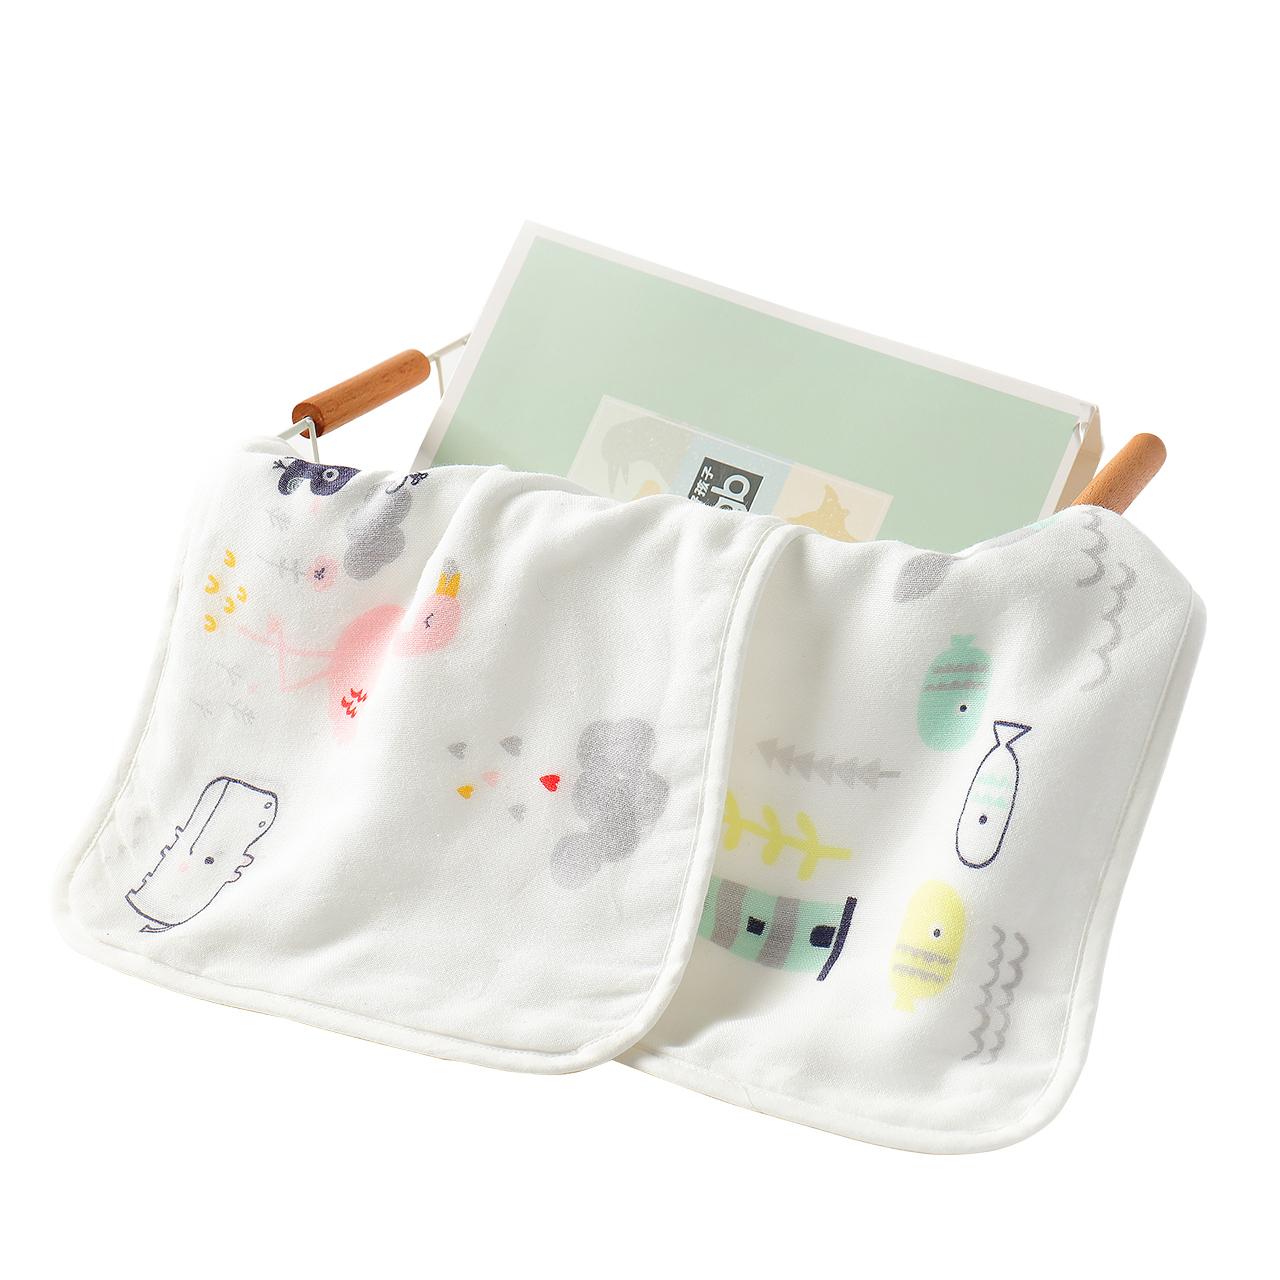 gb好孩子婴儿纱布毛巾纯棉宝宝清洁面巾生态变色感应口水巾洗脸巾